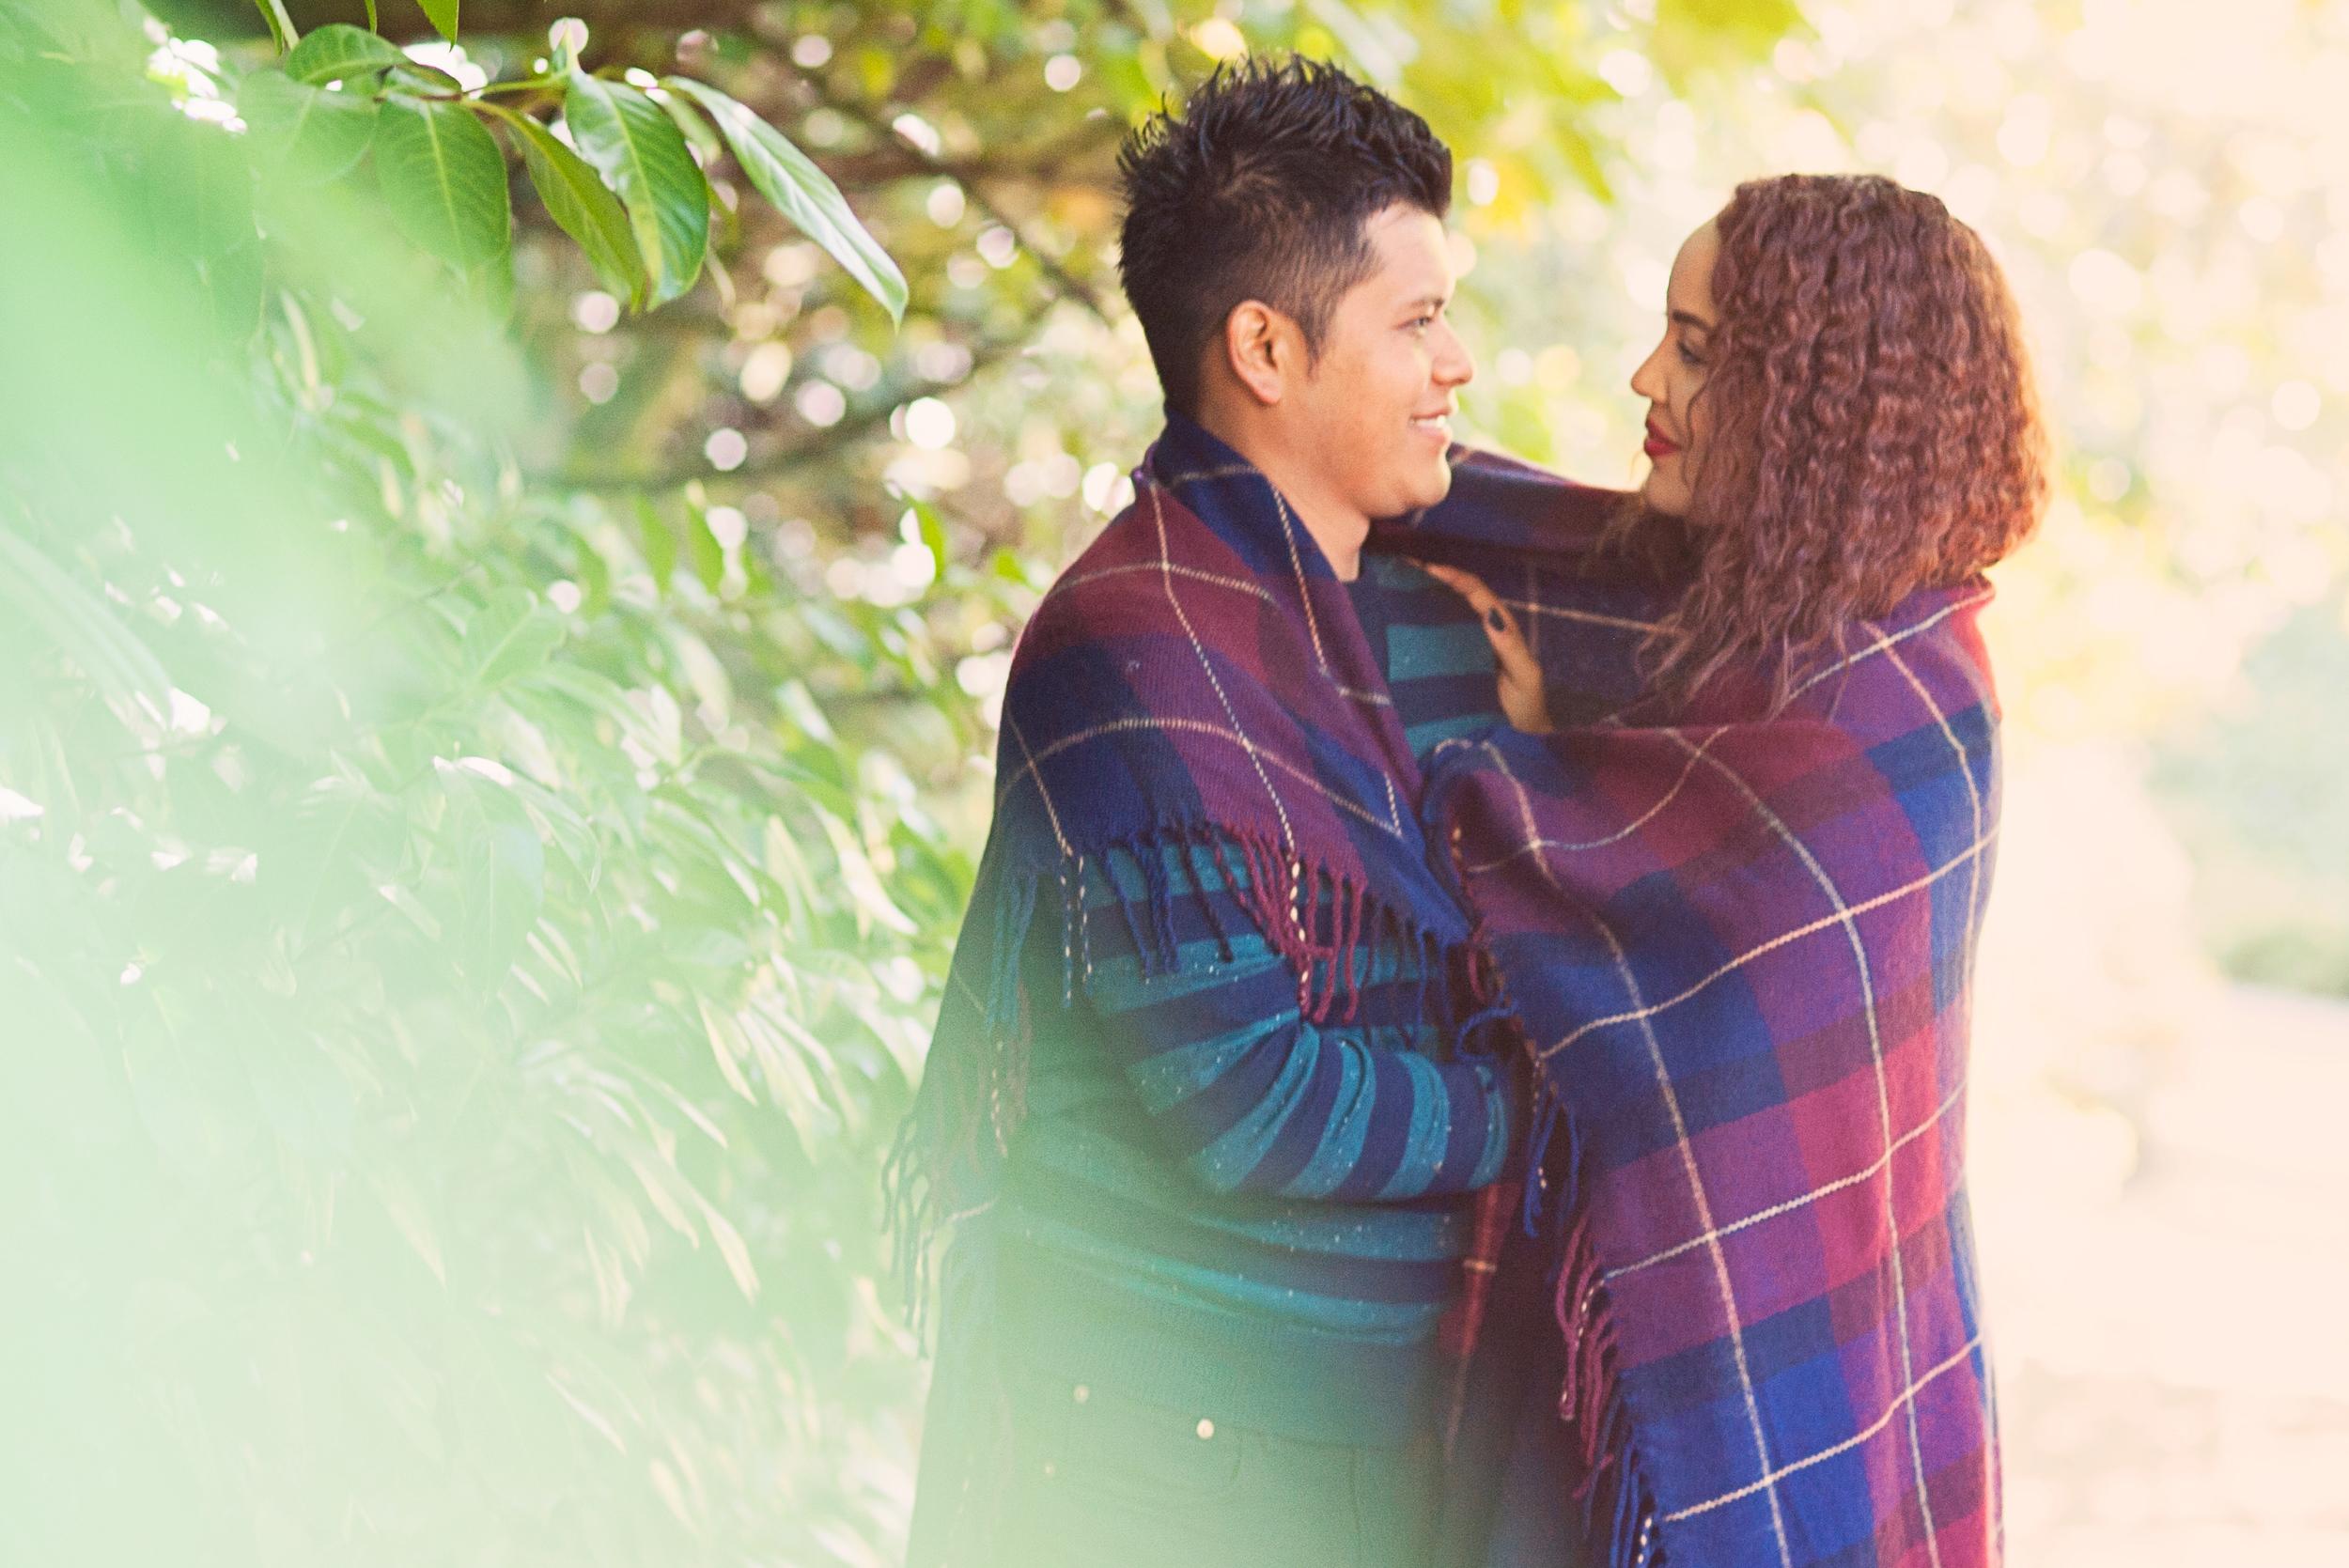 Seattle-Wedding-Photographer,-Kelsey-Lane-Photography_Esther-+-Israel_Kubota-Park-Engagement-2015-38.jpg